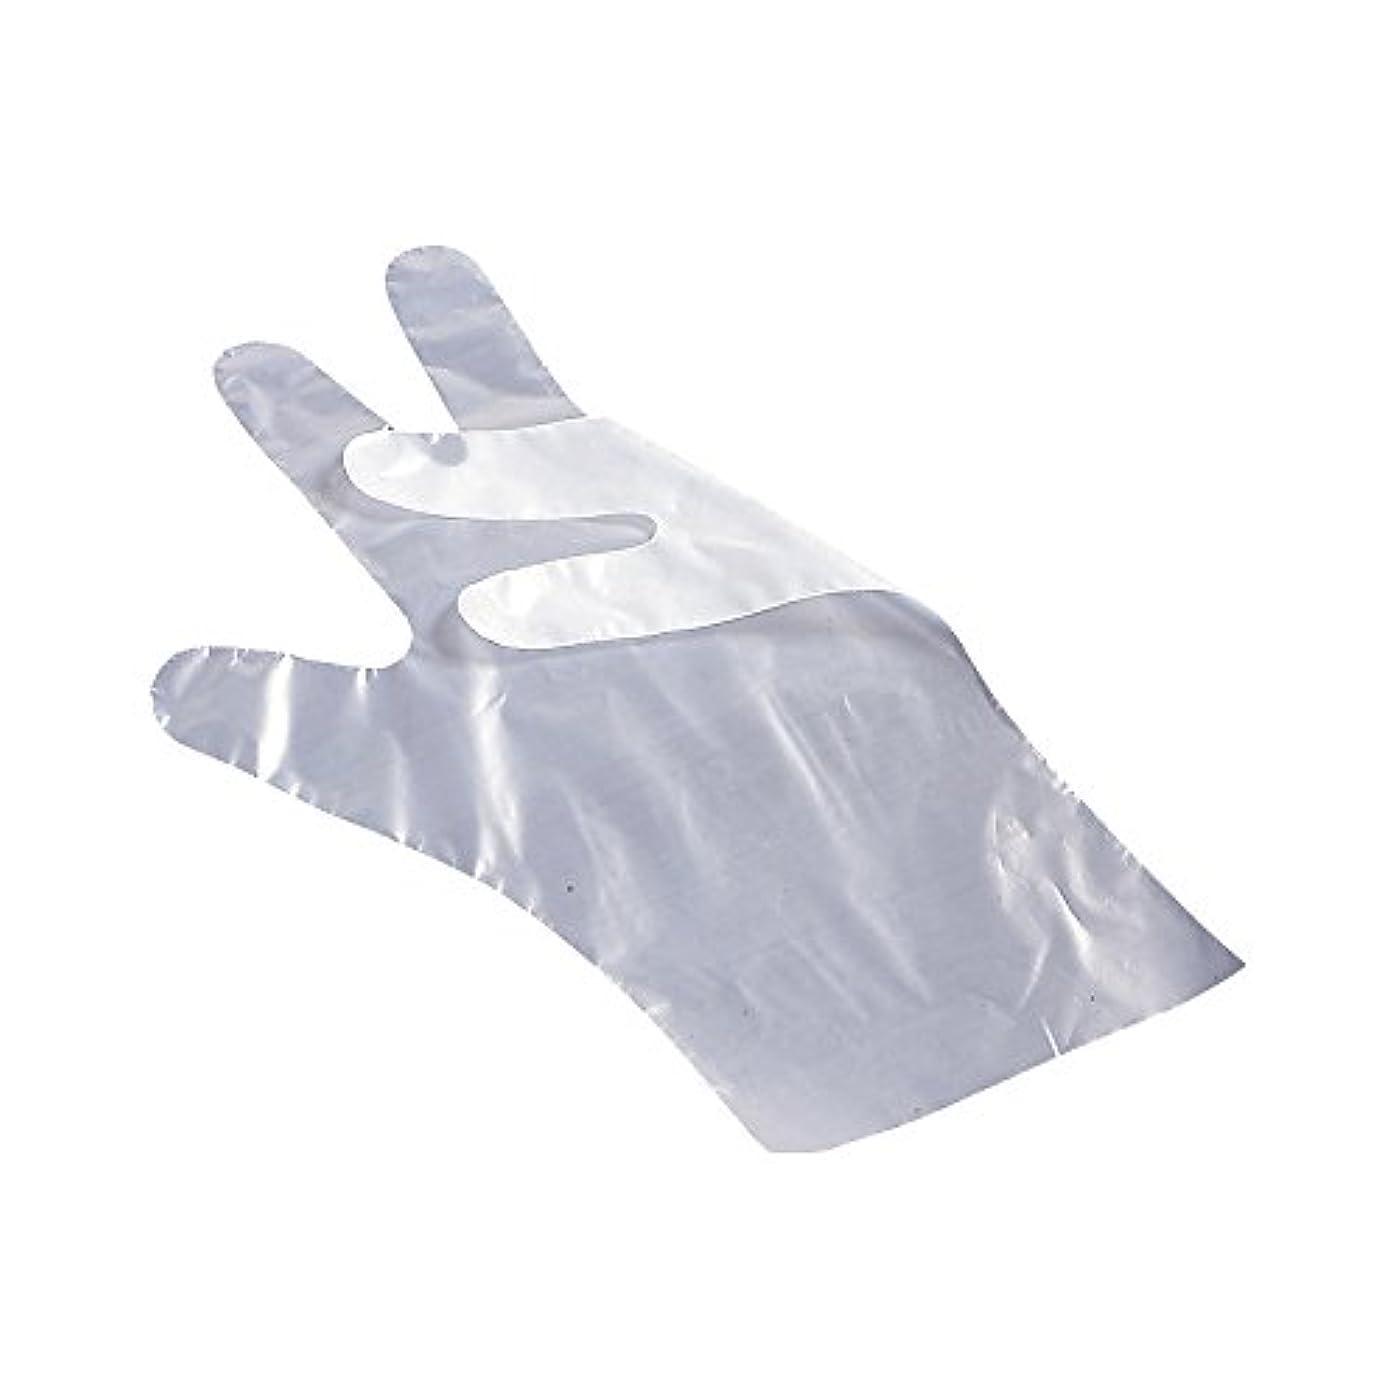 エコー確認する家庭サクラメンポリエチレン手袋 エコノミー強力 A 200枚入 S